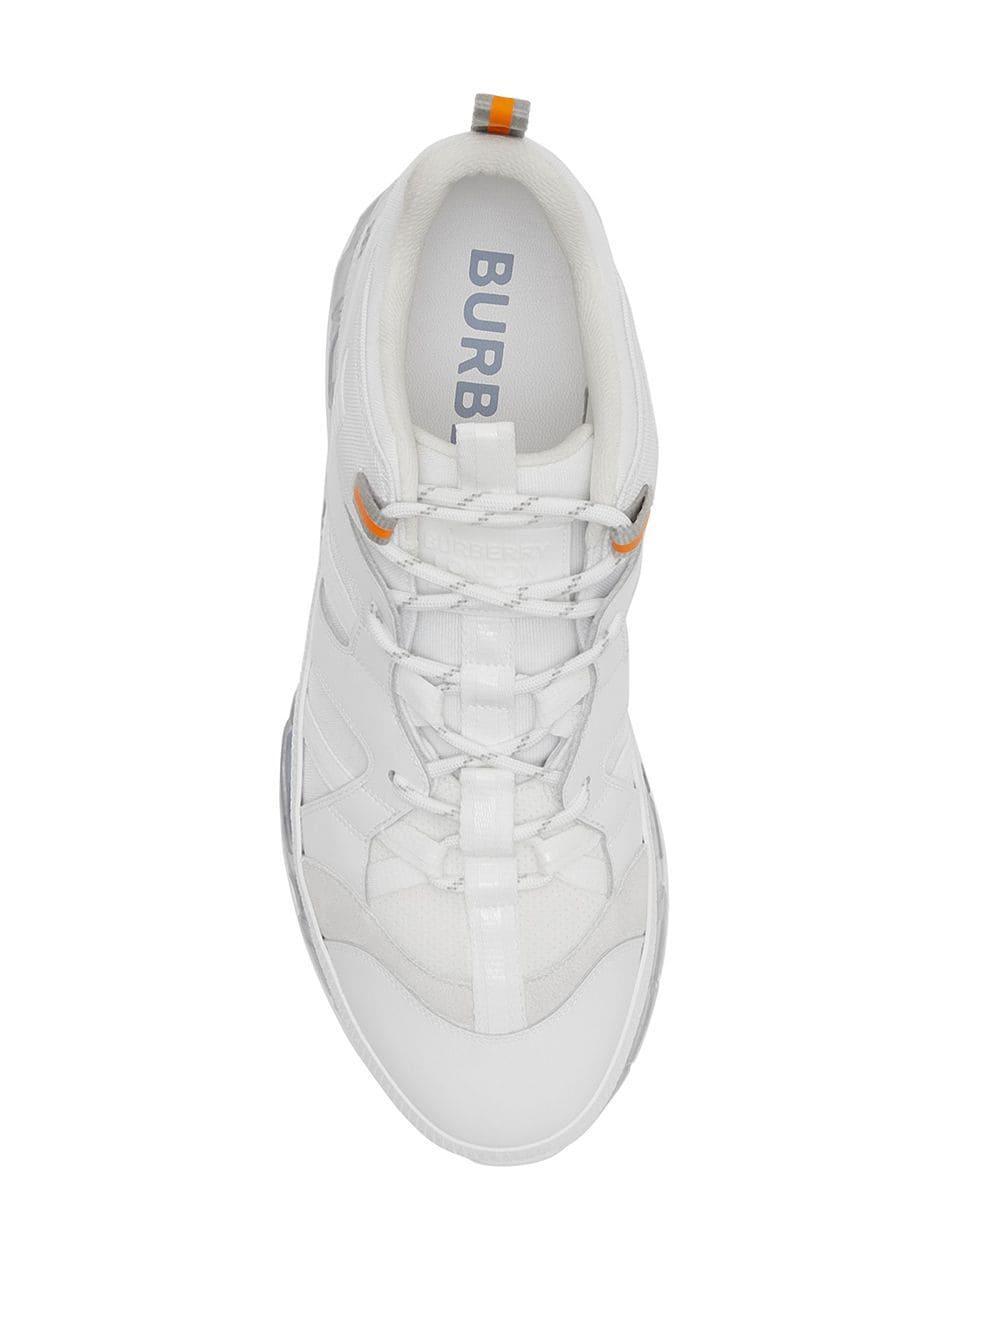 Baskets Union Synthétique Burberry pour homme en coloris Blanc DJev